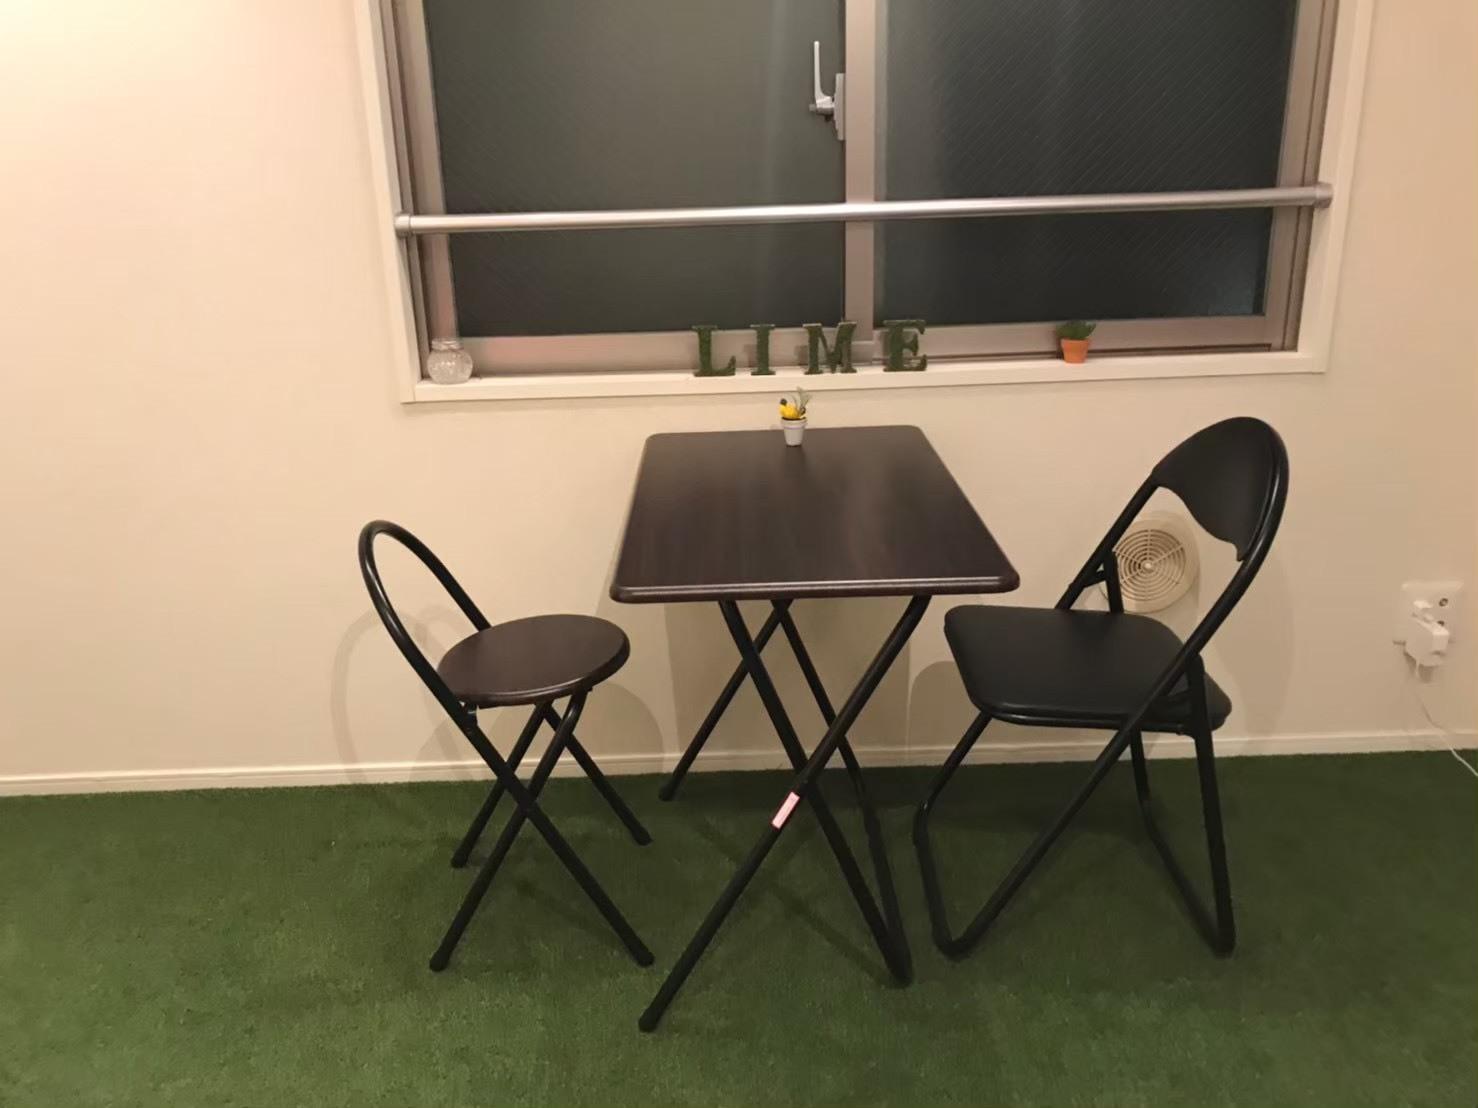 レンタルジムLiME 三軒茶屋 レンタルジムの室内の写真